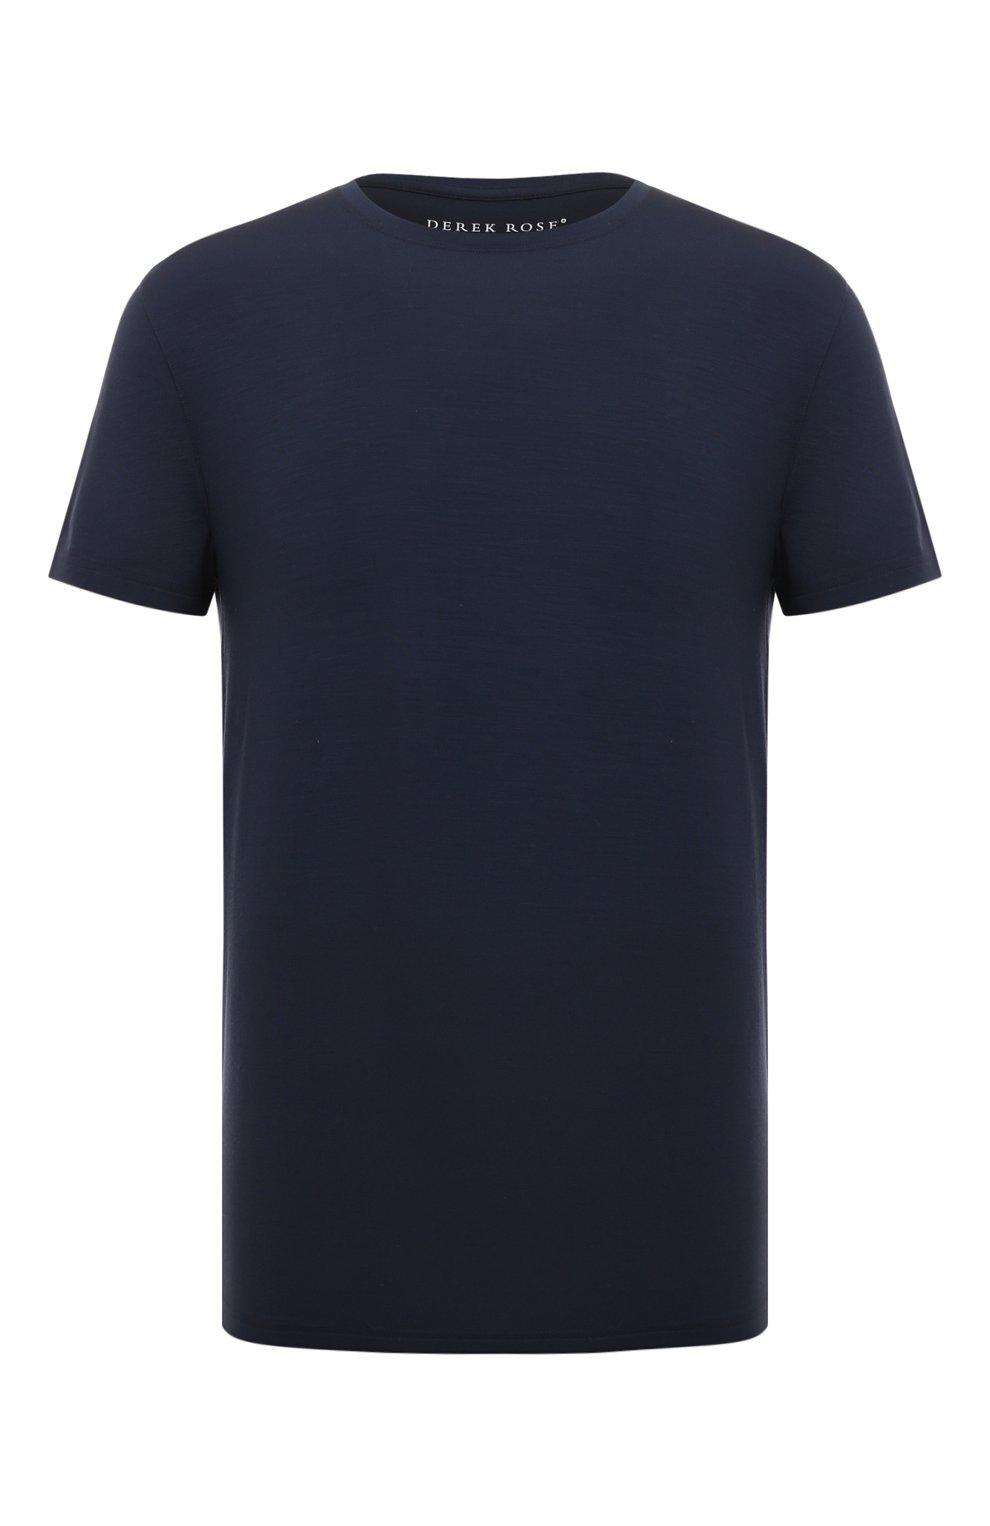 Мужская футболка DEREK ROSE синего цвета, арт. 3048-BASE001   Фото 1 (Кросс-КТ: домашняя одежда; Рукава: Короткие; Материал внешний: Синтетический материал; Длина (для топов): Стандартные; Мужское Кросс-КТ: Футболка-белье)